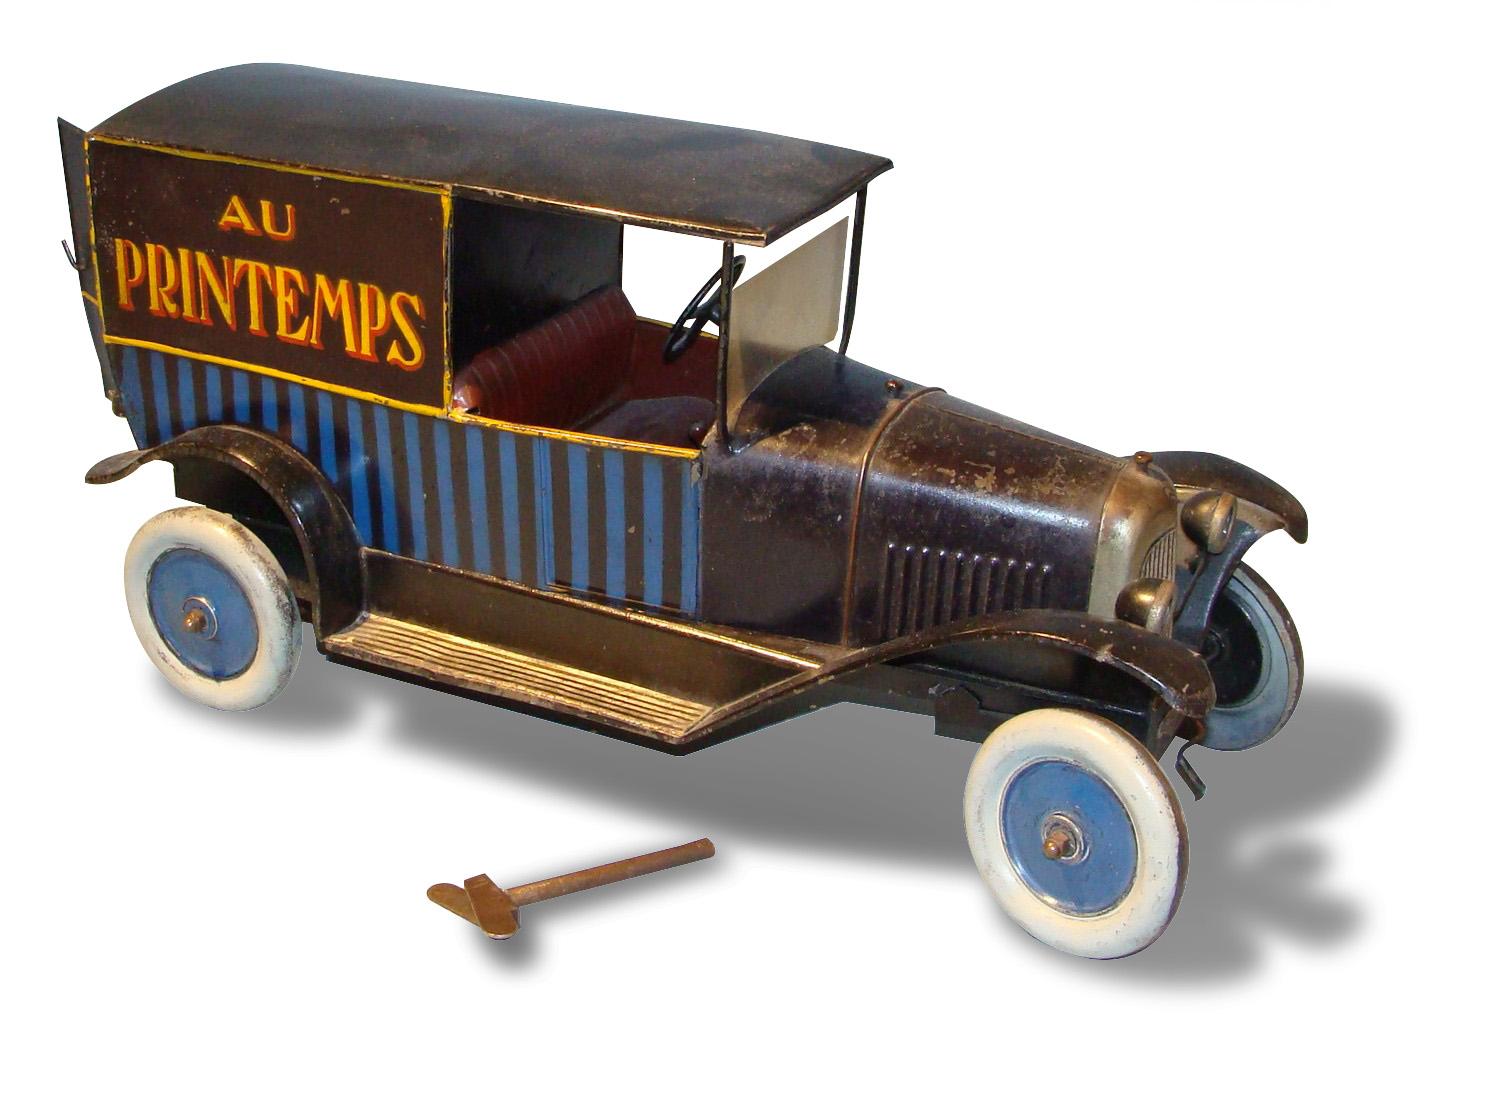 Jouet Citroën 1/10. Fourgonnette de livraison B2, portes arrière ouvrantes, mécanique, bleu et noir, roues métal avec jantes bleues. Portant l'inscrip